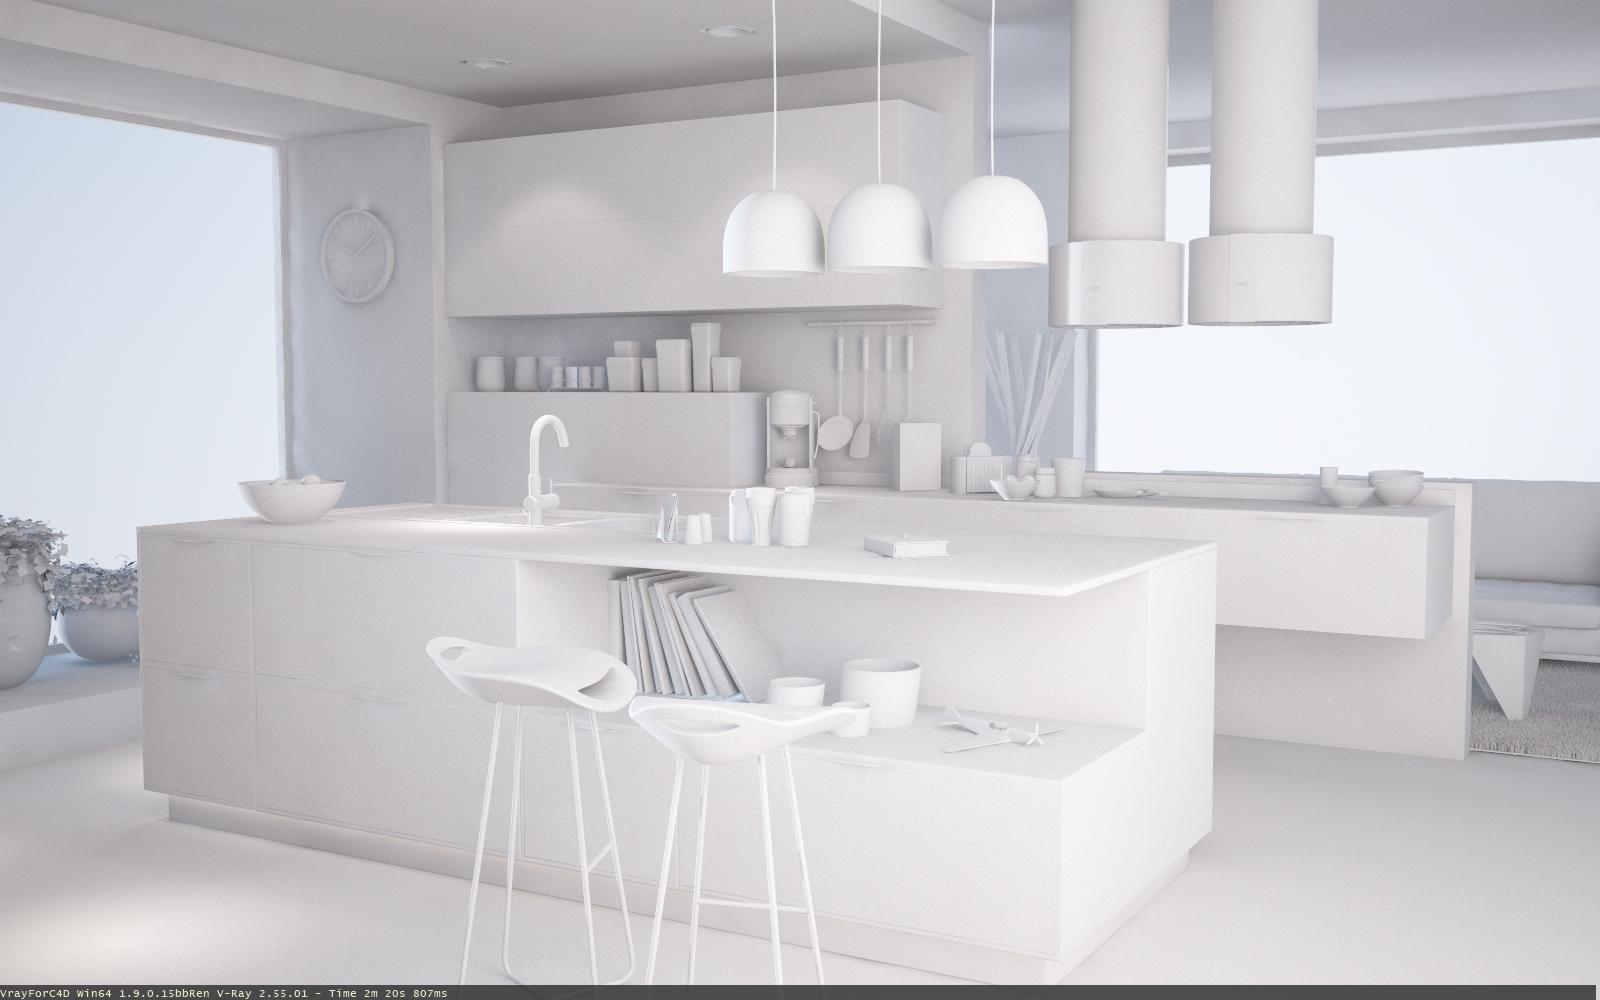 cucina LM2a.jpg